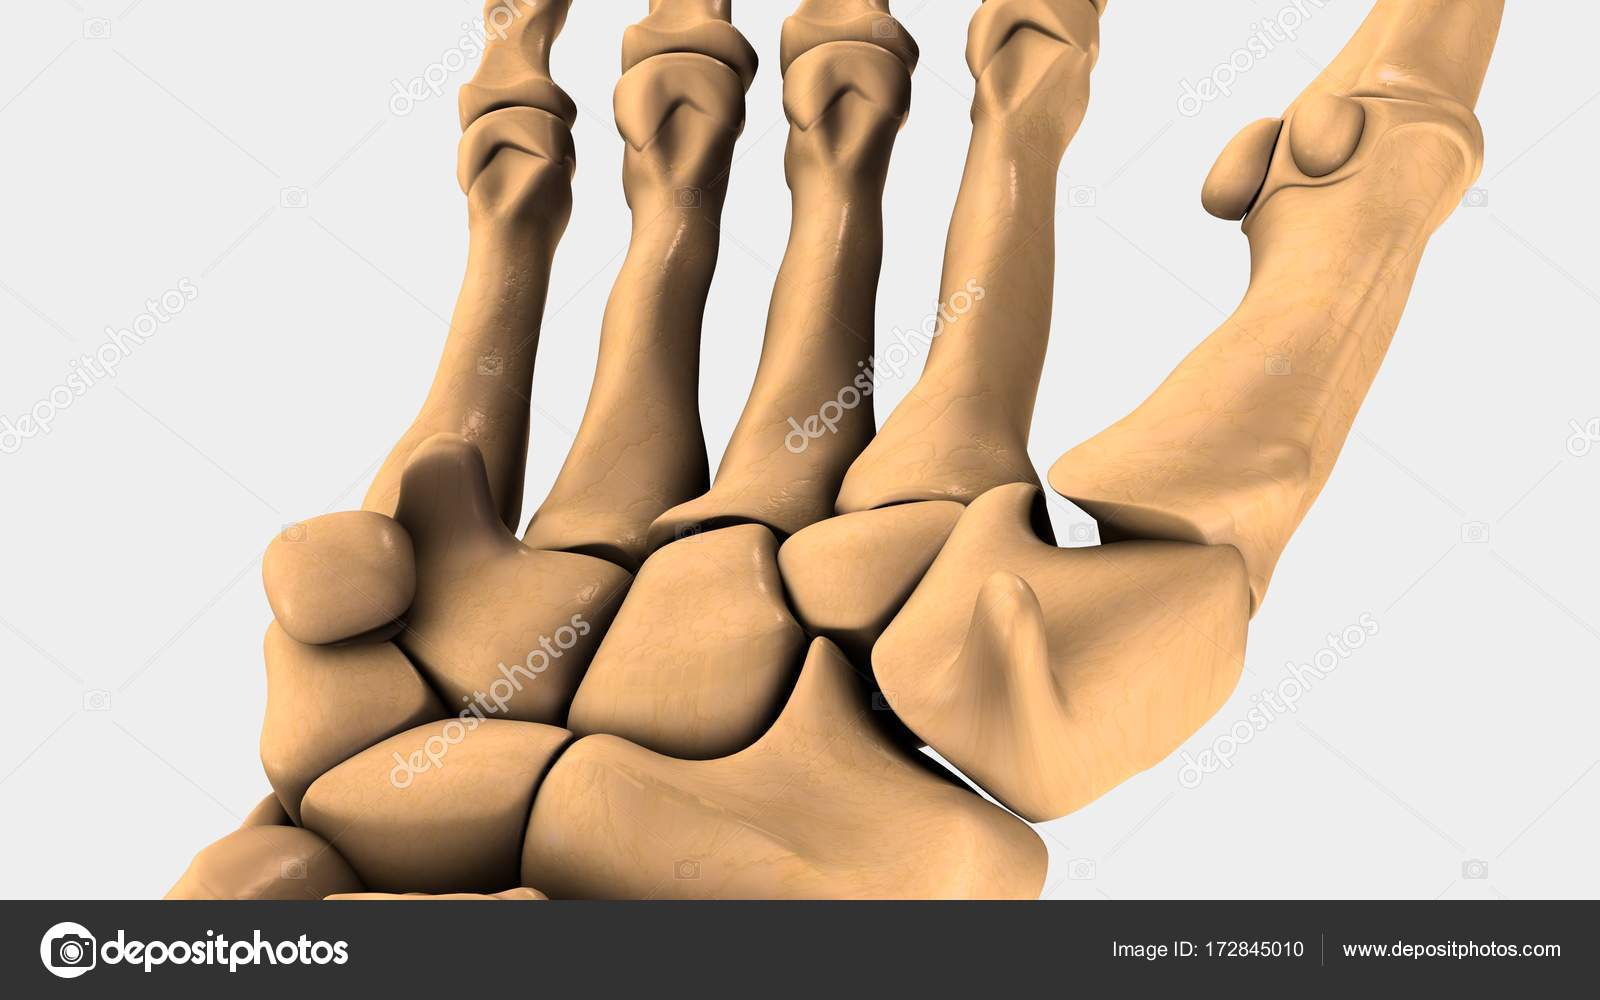 Menschlichen Handgelenk Knochen — Stockfoto © sciencepics #172845010